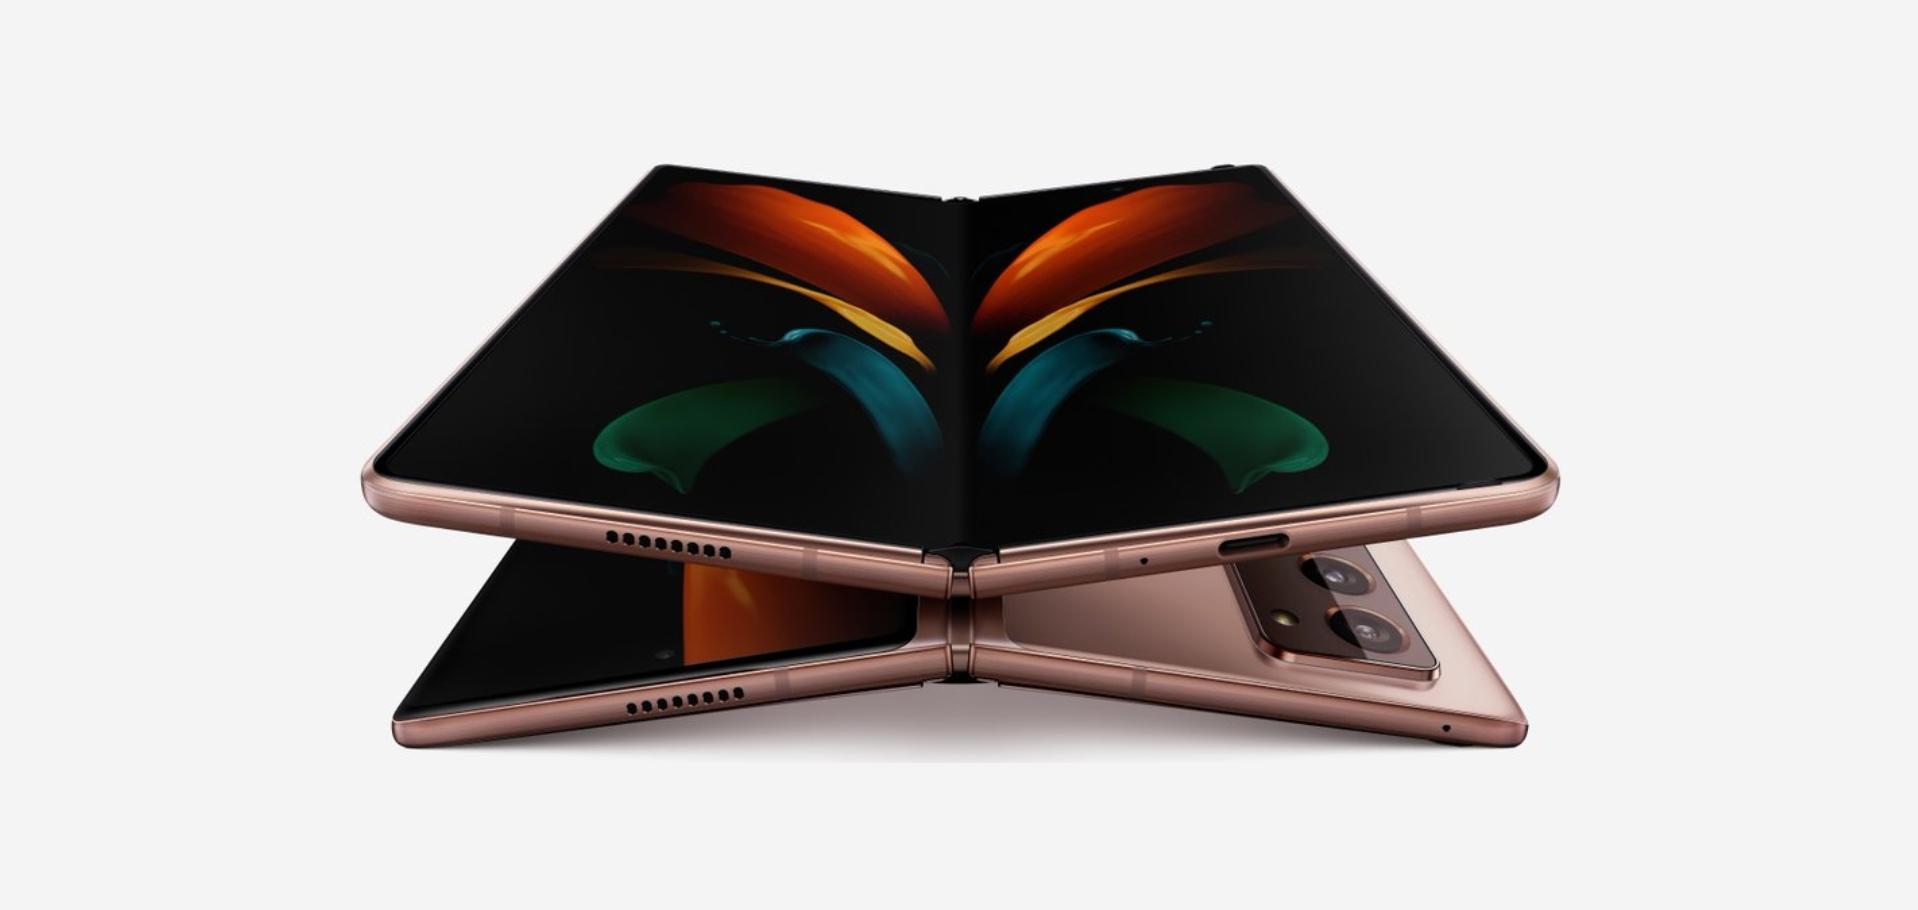 Samsung Galaxy Z Fold2 představen, přináší značná vylepšení